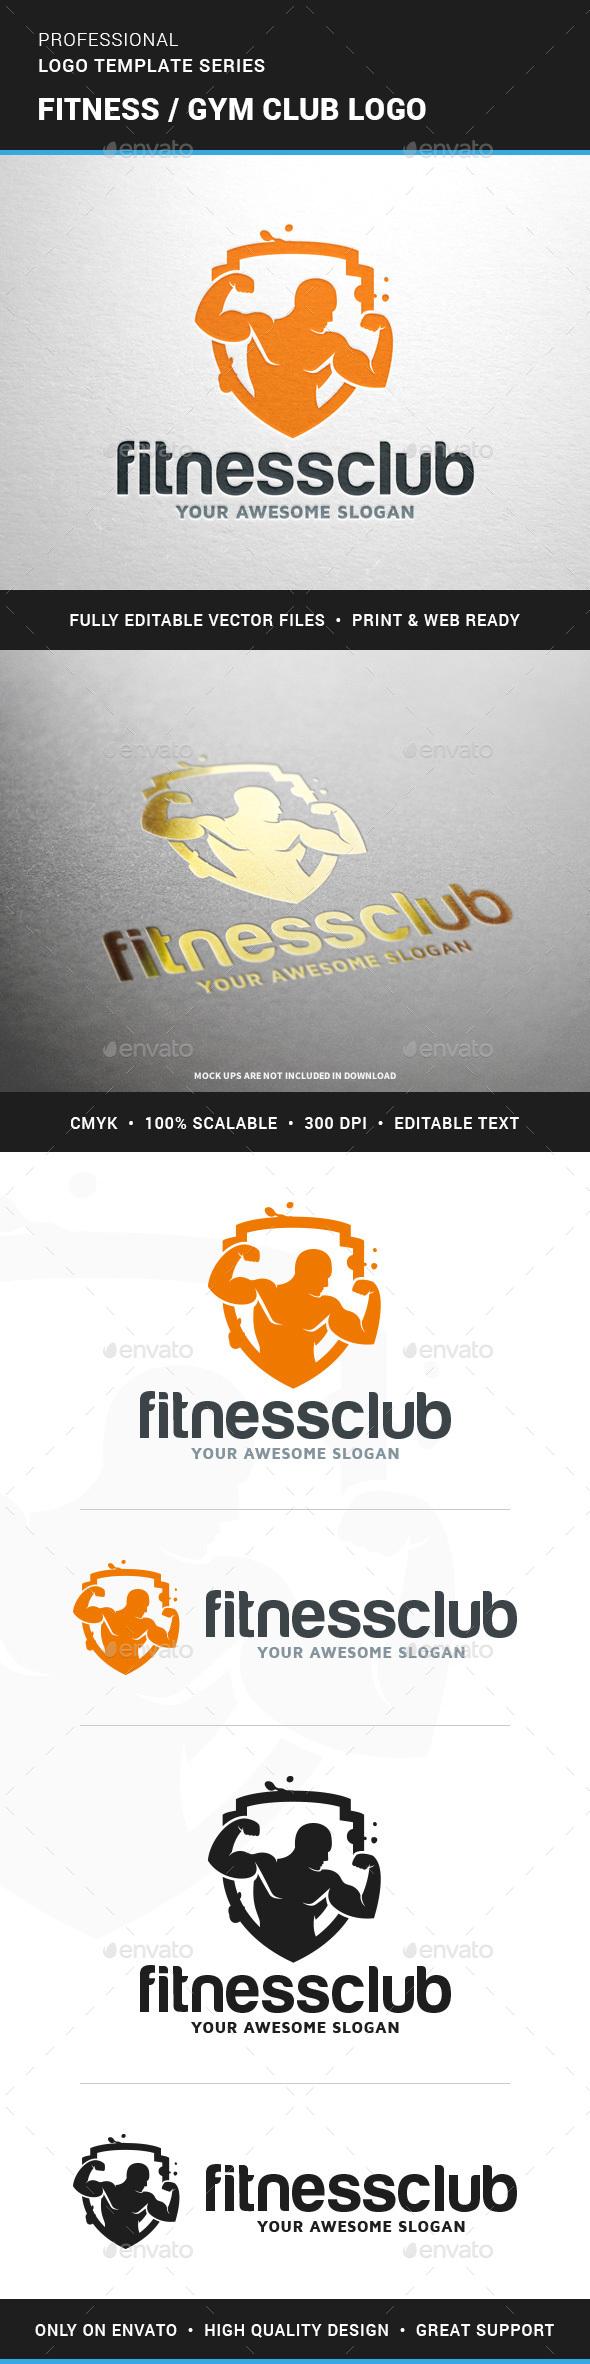 Fitness / Gym Club Logo